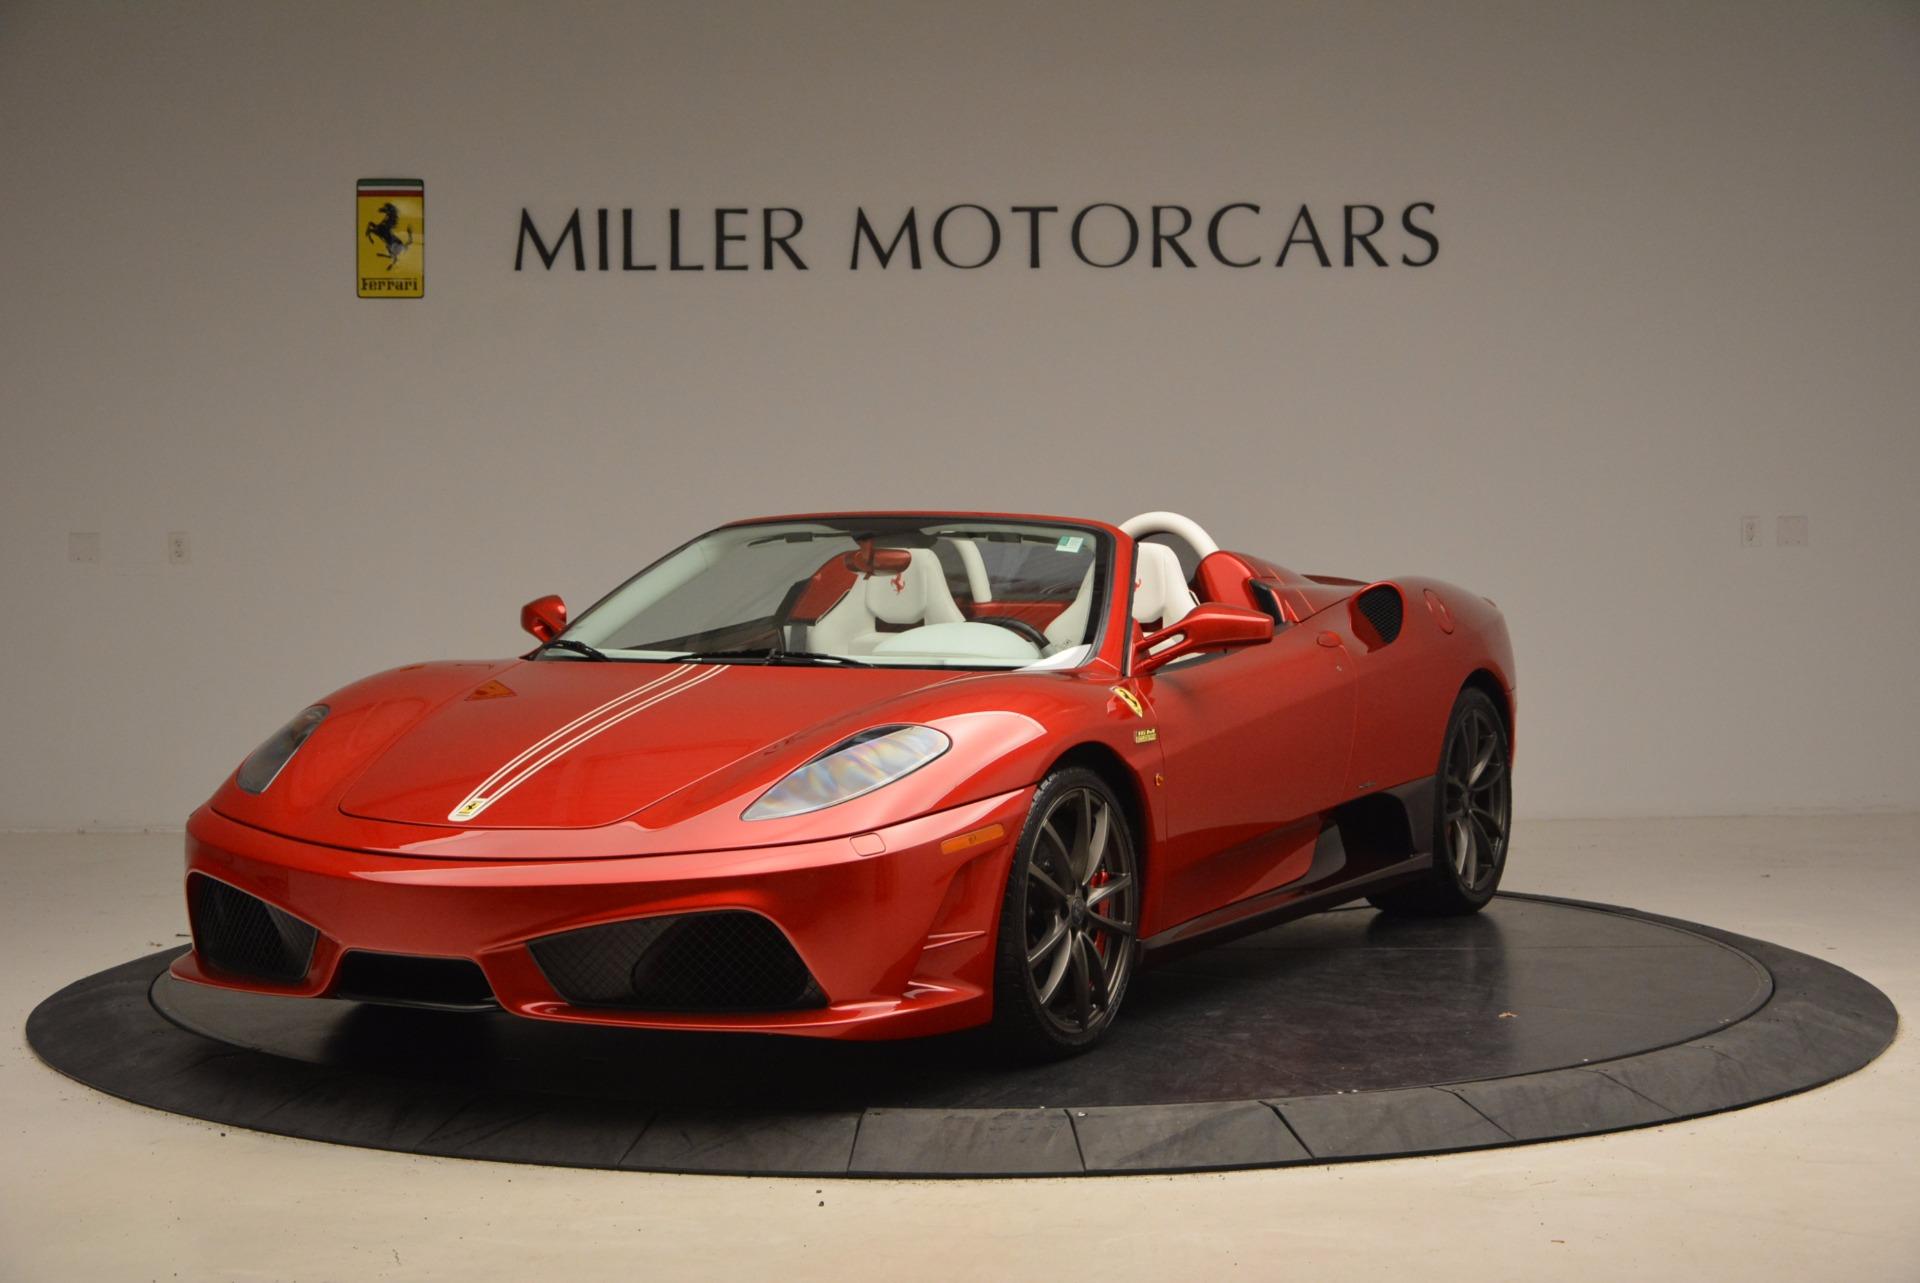 Used 2009 Ferrari F430 Scuderia 16M for sale Sold at Bugatti of Greenwich in Greenwich CT 06830 1